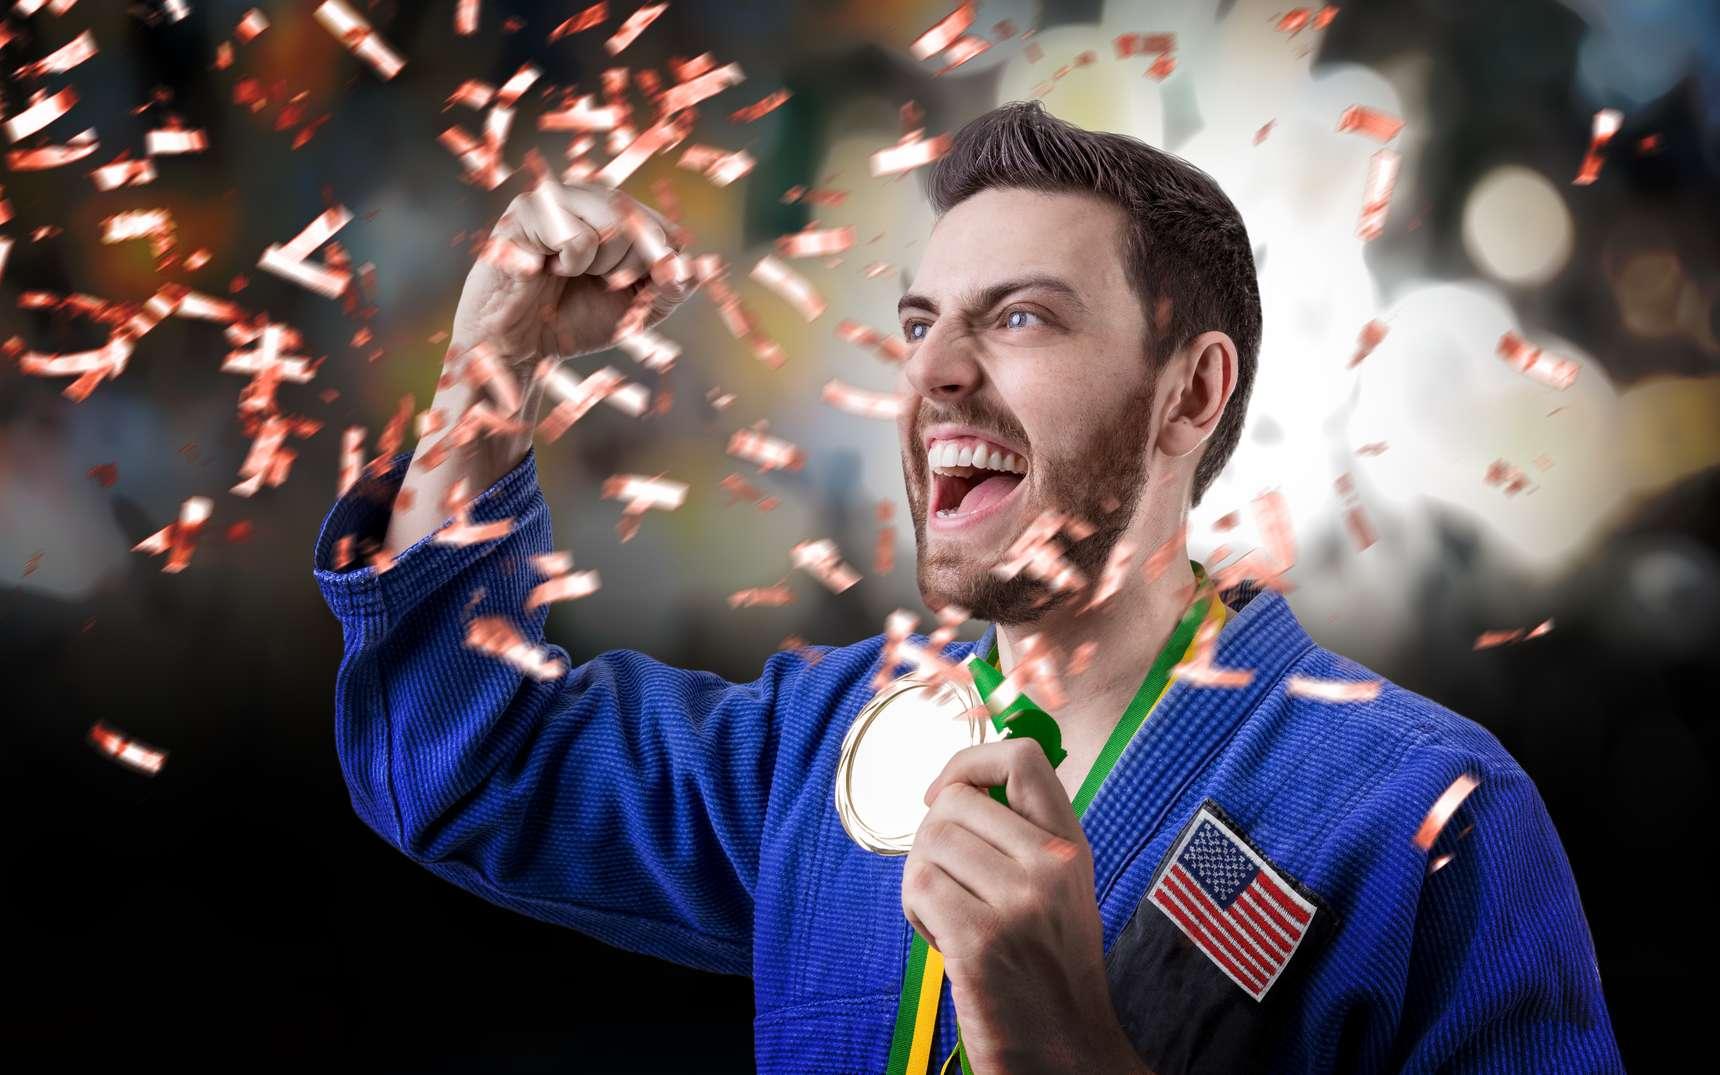 Le sport suscite des émotions, aussi bien positives que négatives. Et les défaites cuisantes poussent les supporters à se venger sur la nourriture calorique pour évacuer le stress. © filipefrazao, Fotolia